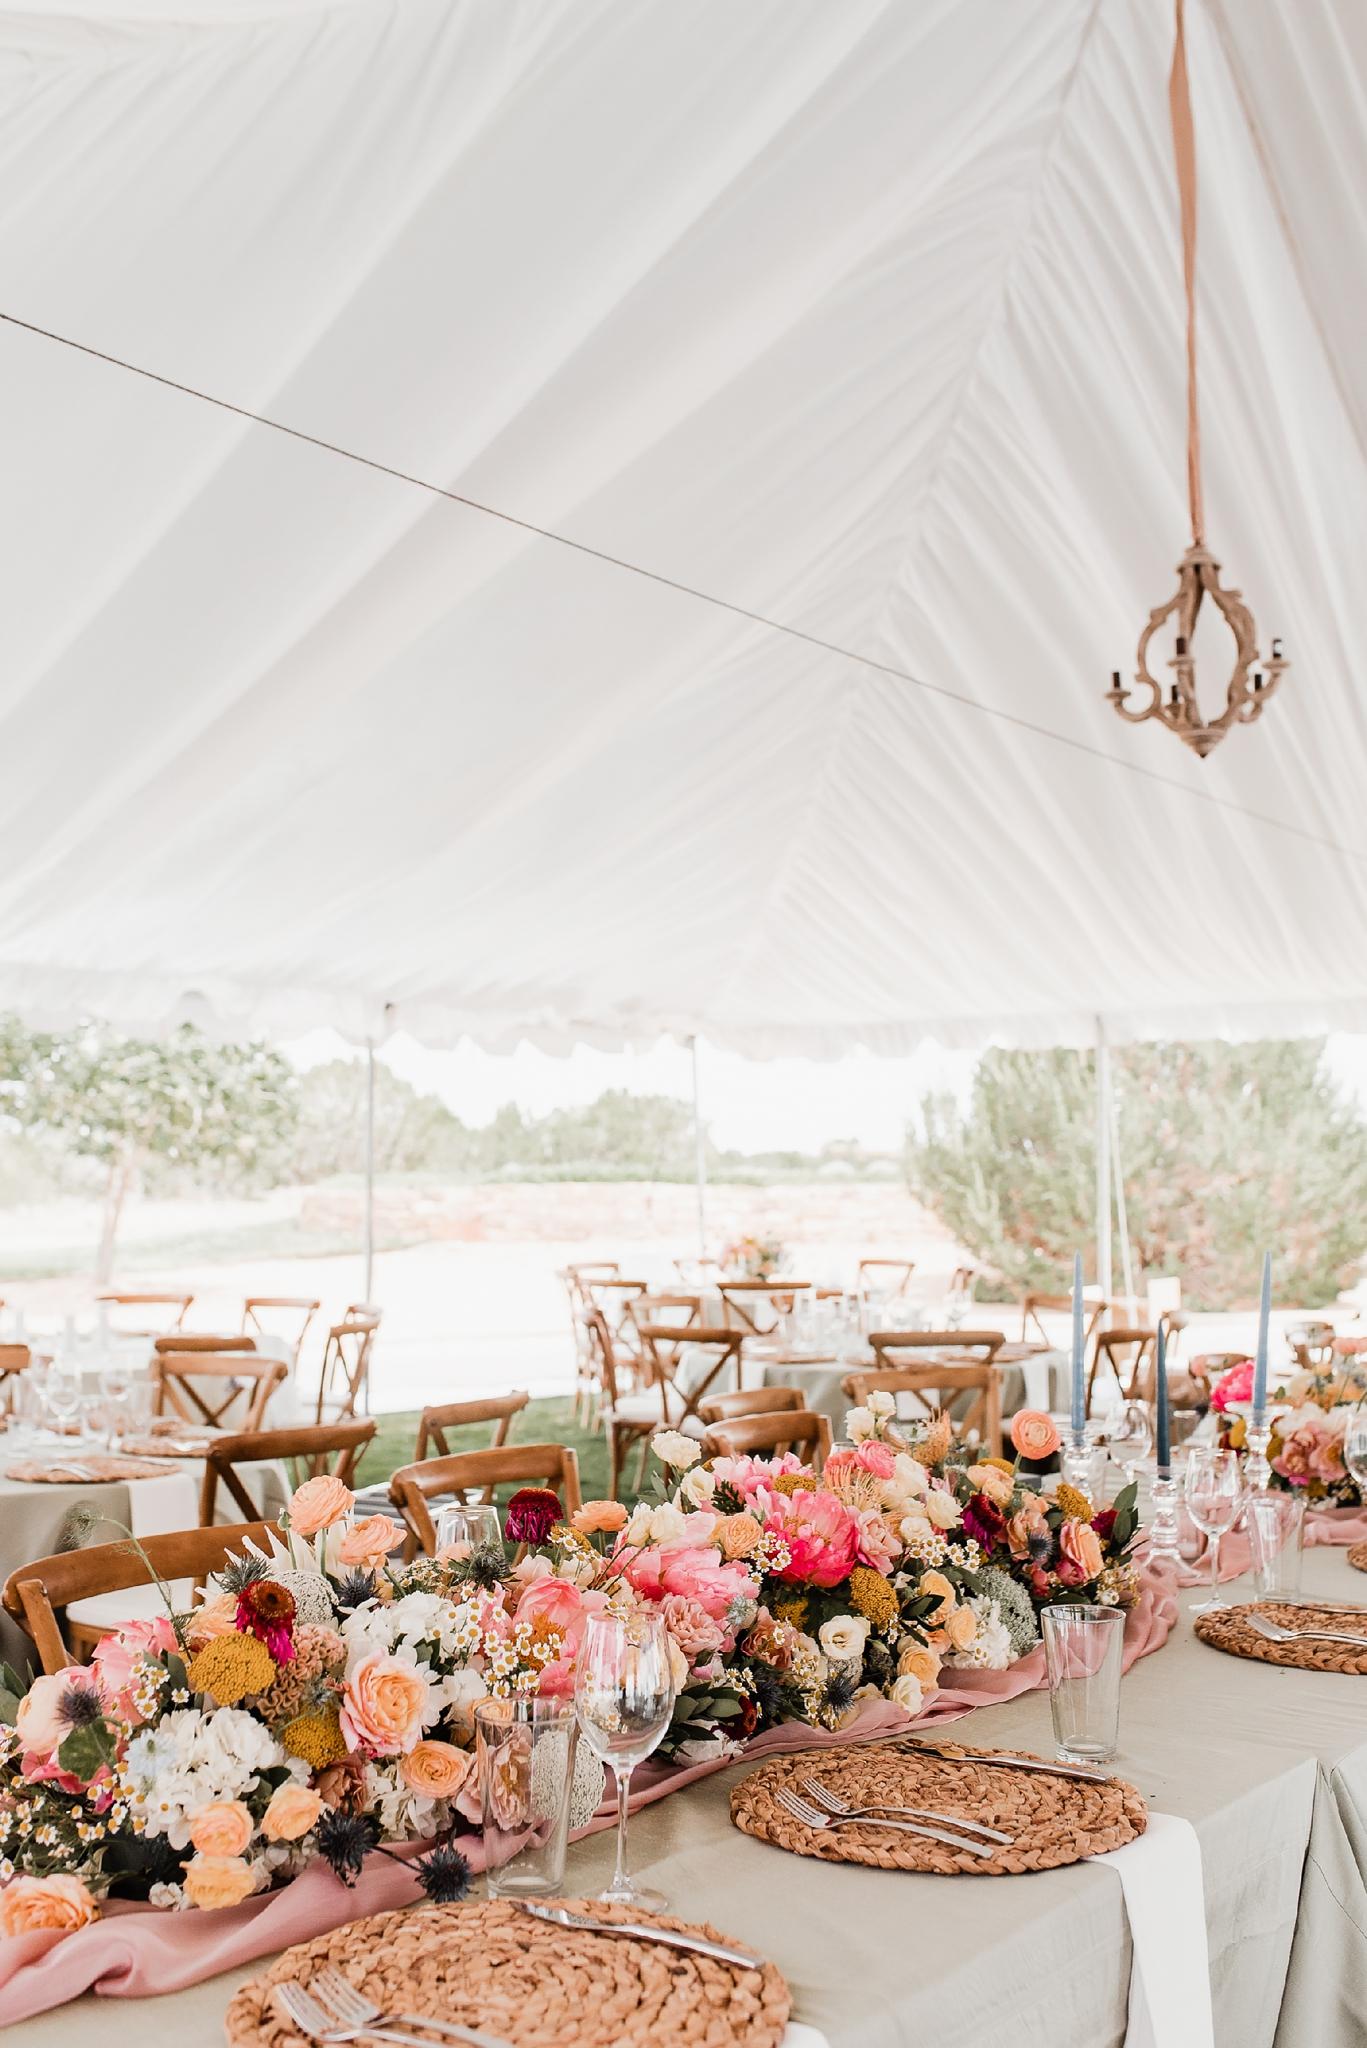 Alicia+lucia+photography+-+albuquerque+wedding+photographer+-+santa+fe+wedding+photography+-+new+mexico+wedding+photographer+-+new+mexico+wedding+-+las+campanas+wedding+-+santa+fe+wedding+-+maximalist+wedding+-+destination+wedding_0129.jpg